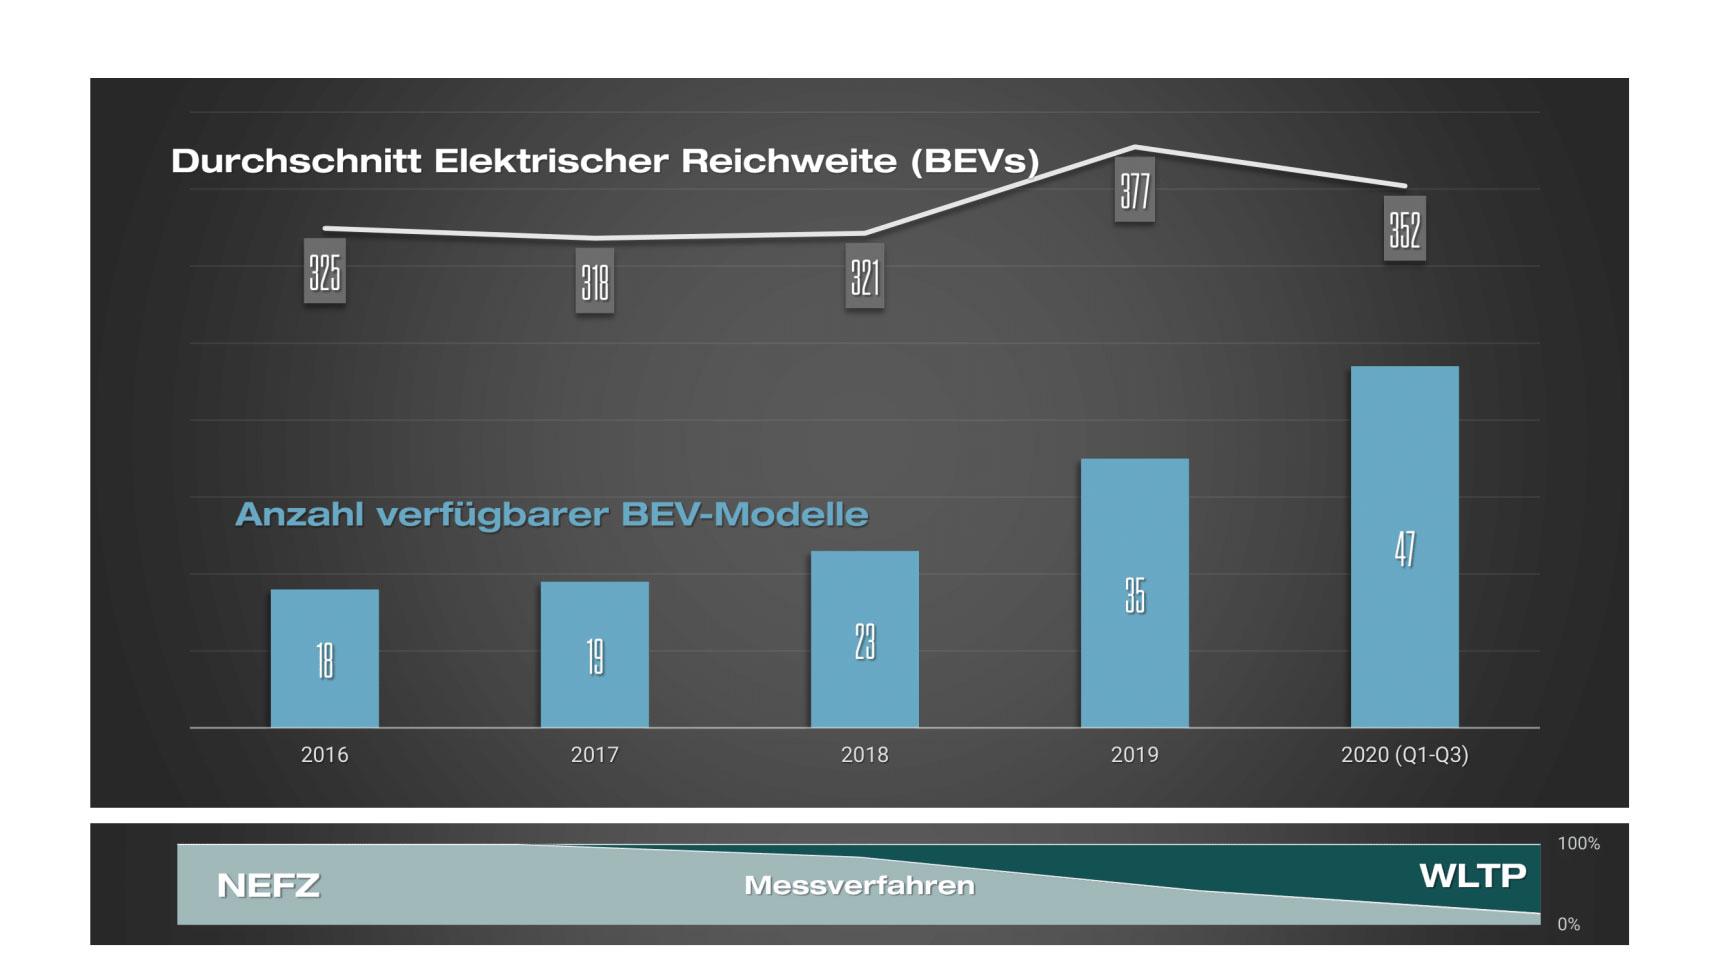 BEVs_Durchschnittliche-elektro-Reichweite-und-Verfuegbare-Modelle